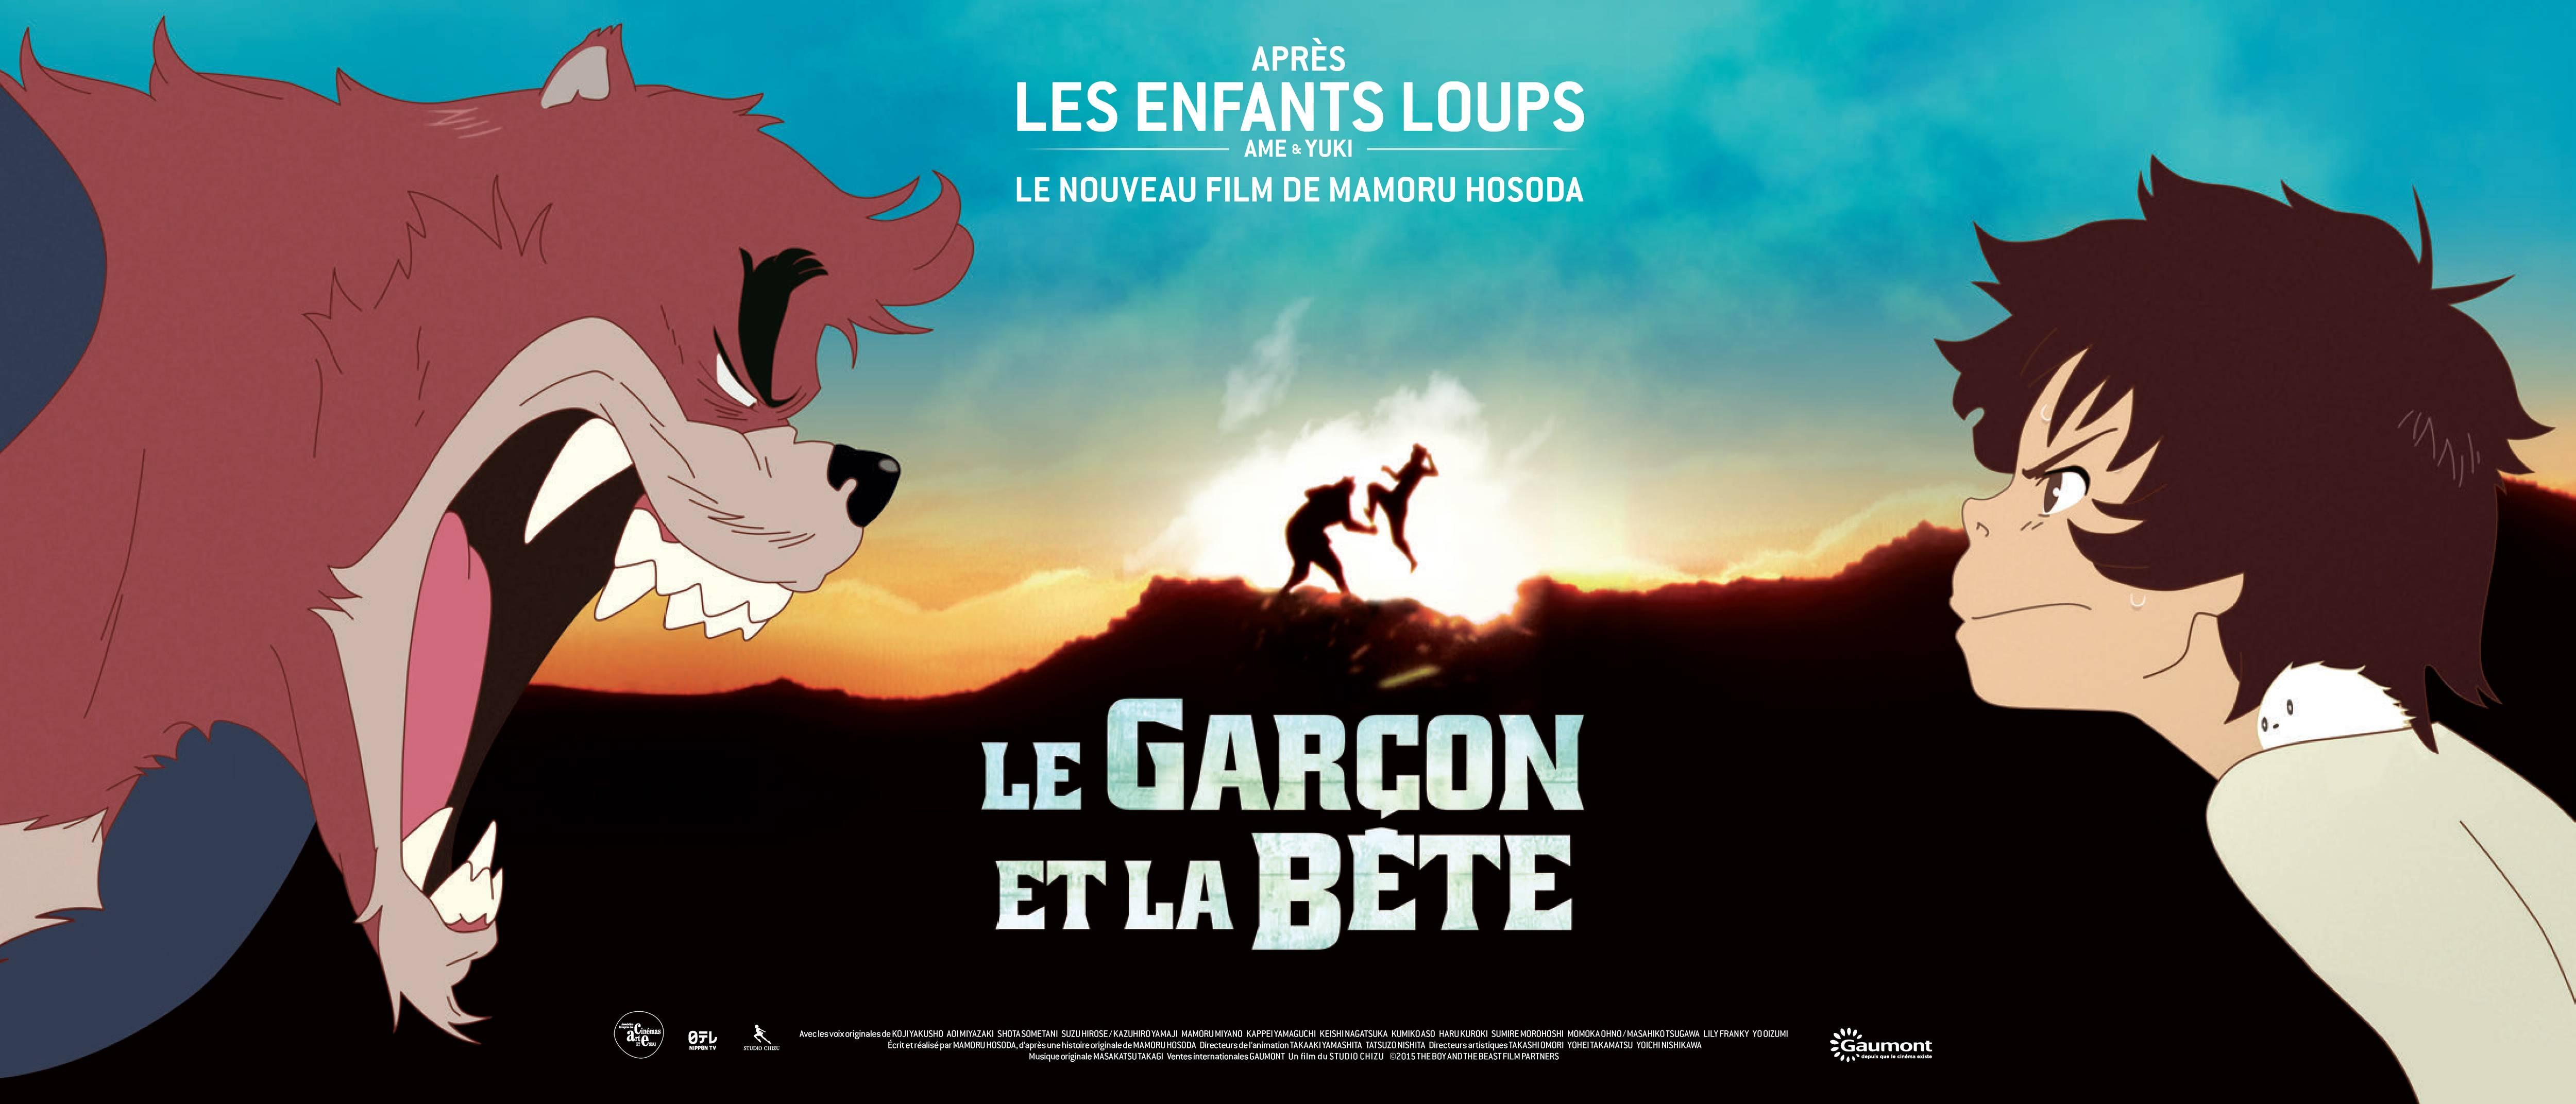 Garcon et la bete visuel2